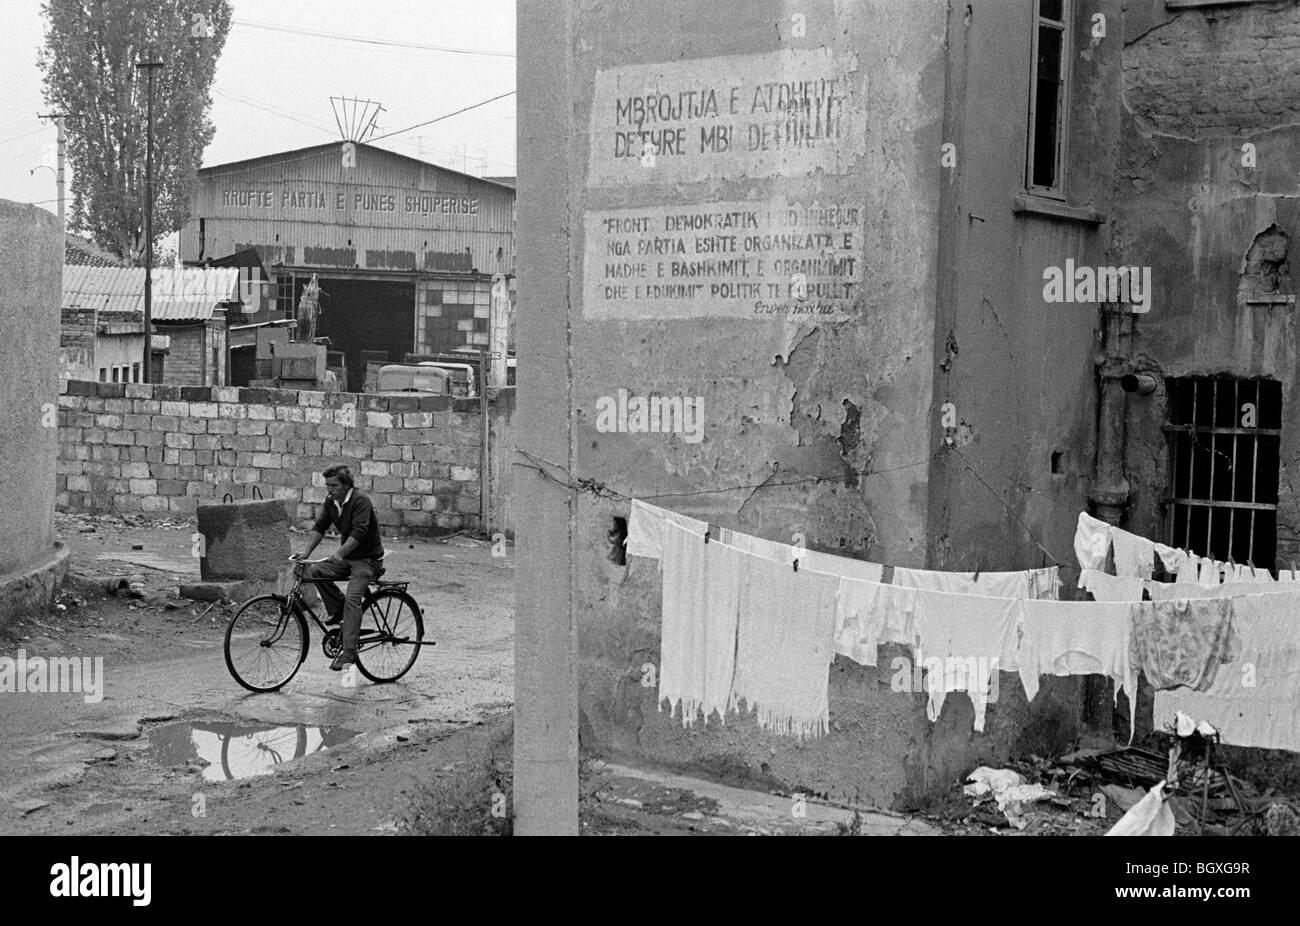 Tirana, Albania. 1991. - Stock Image